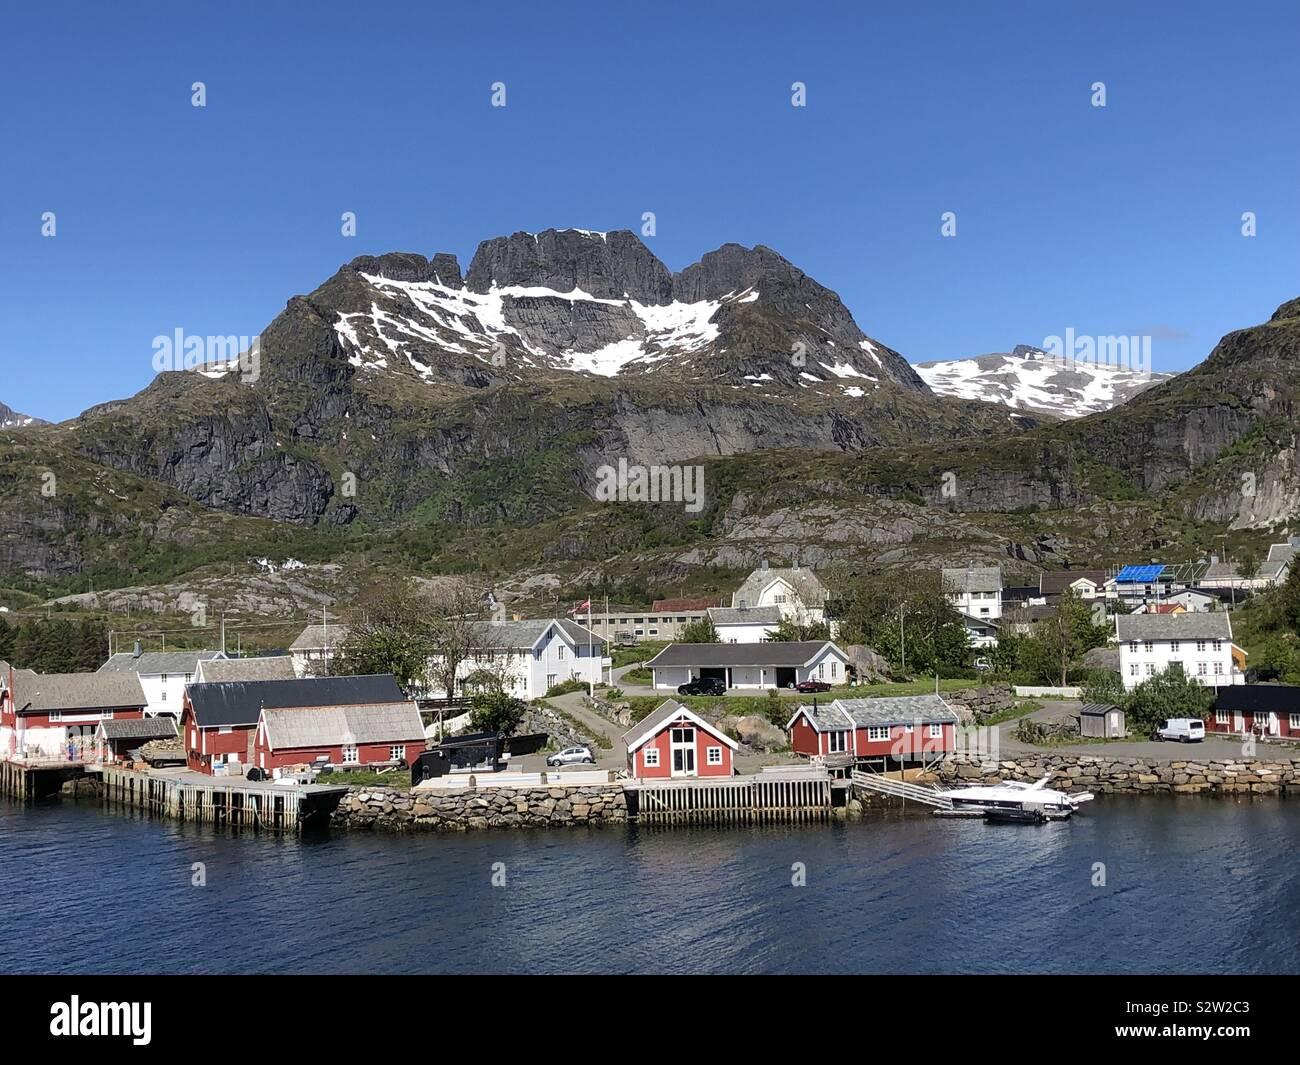 Lofoten Islands fishing village, Norway Stock Photo